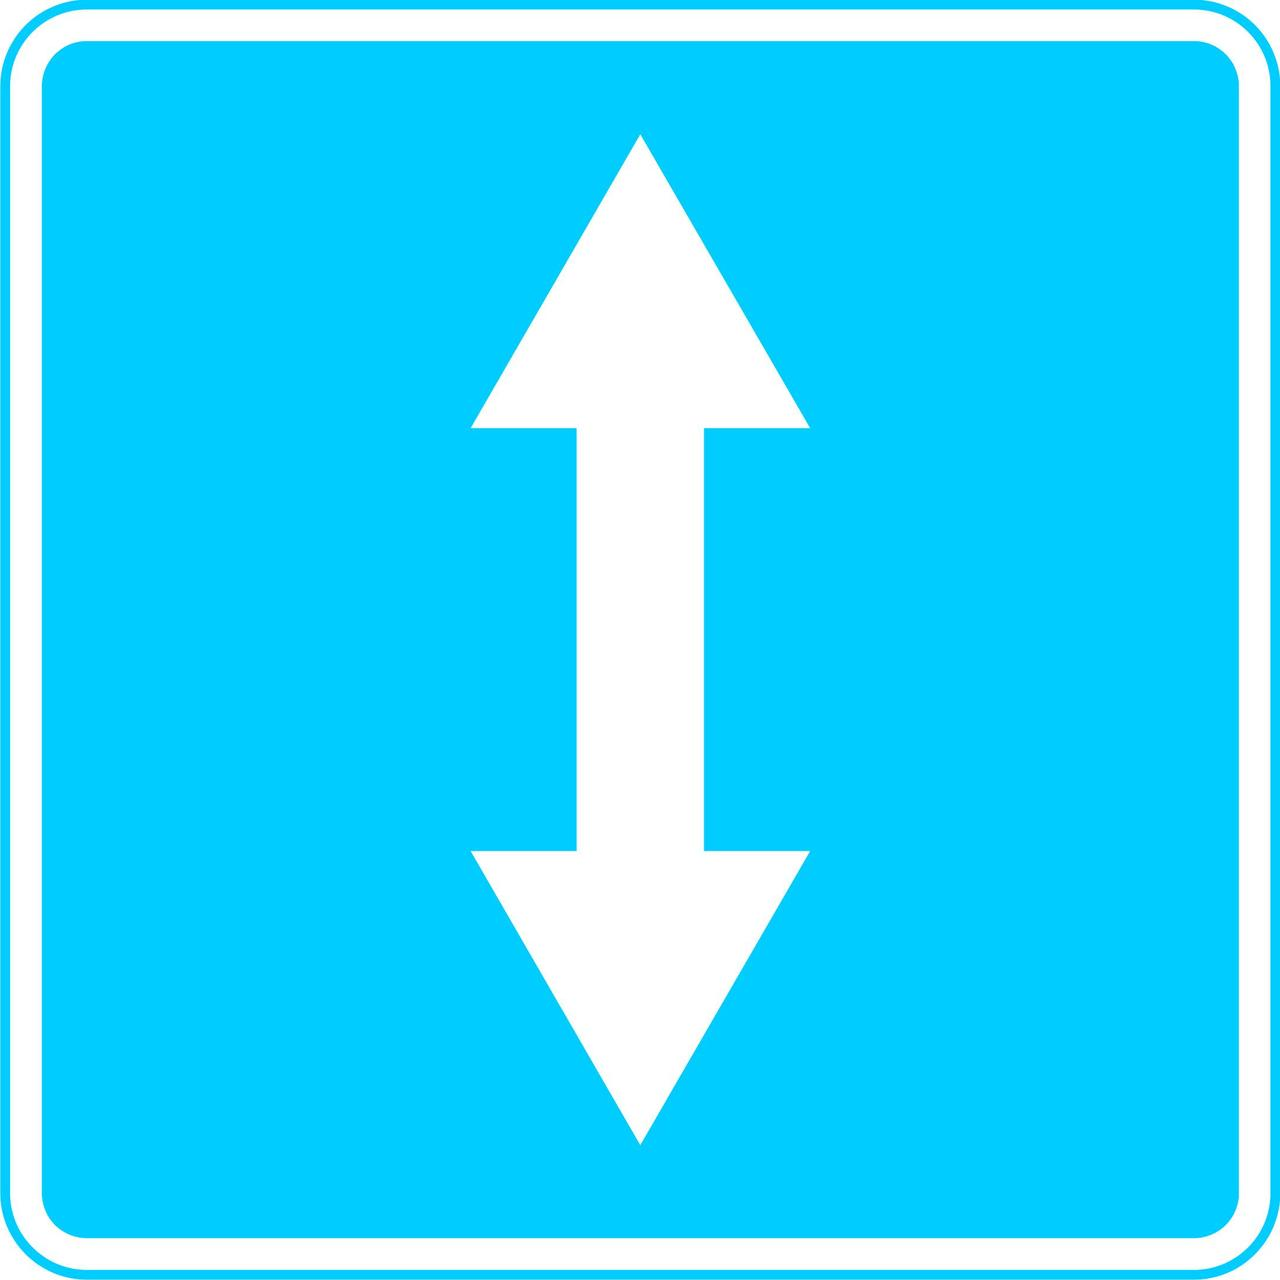 Знак 5.35 Реверсивное движение